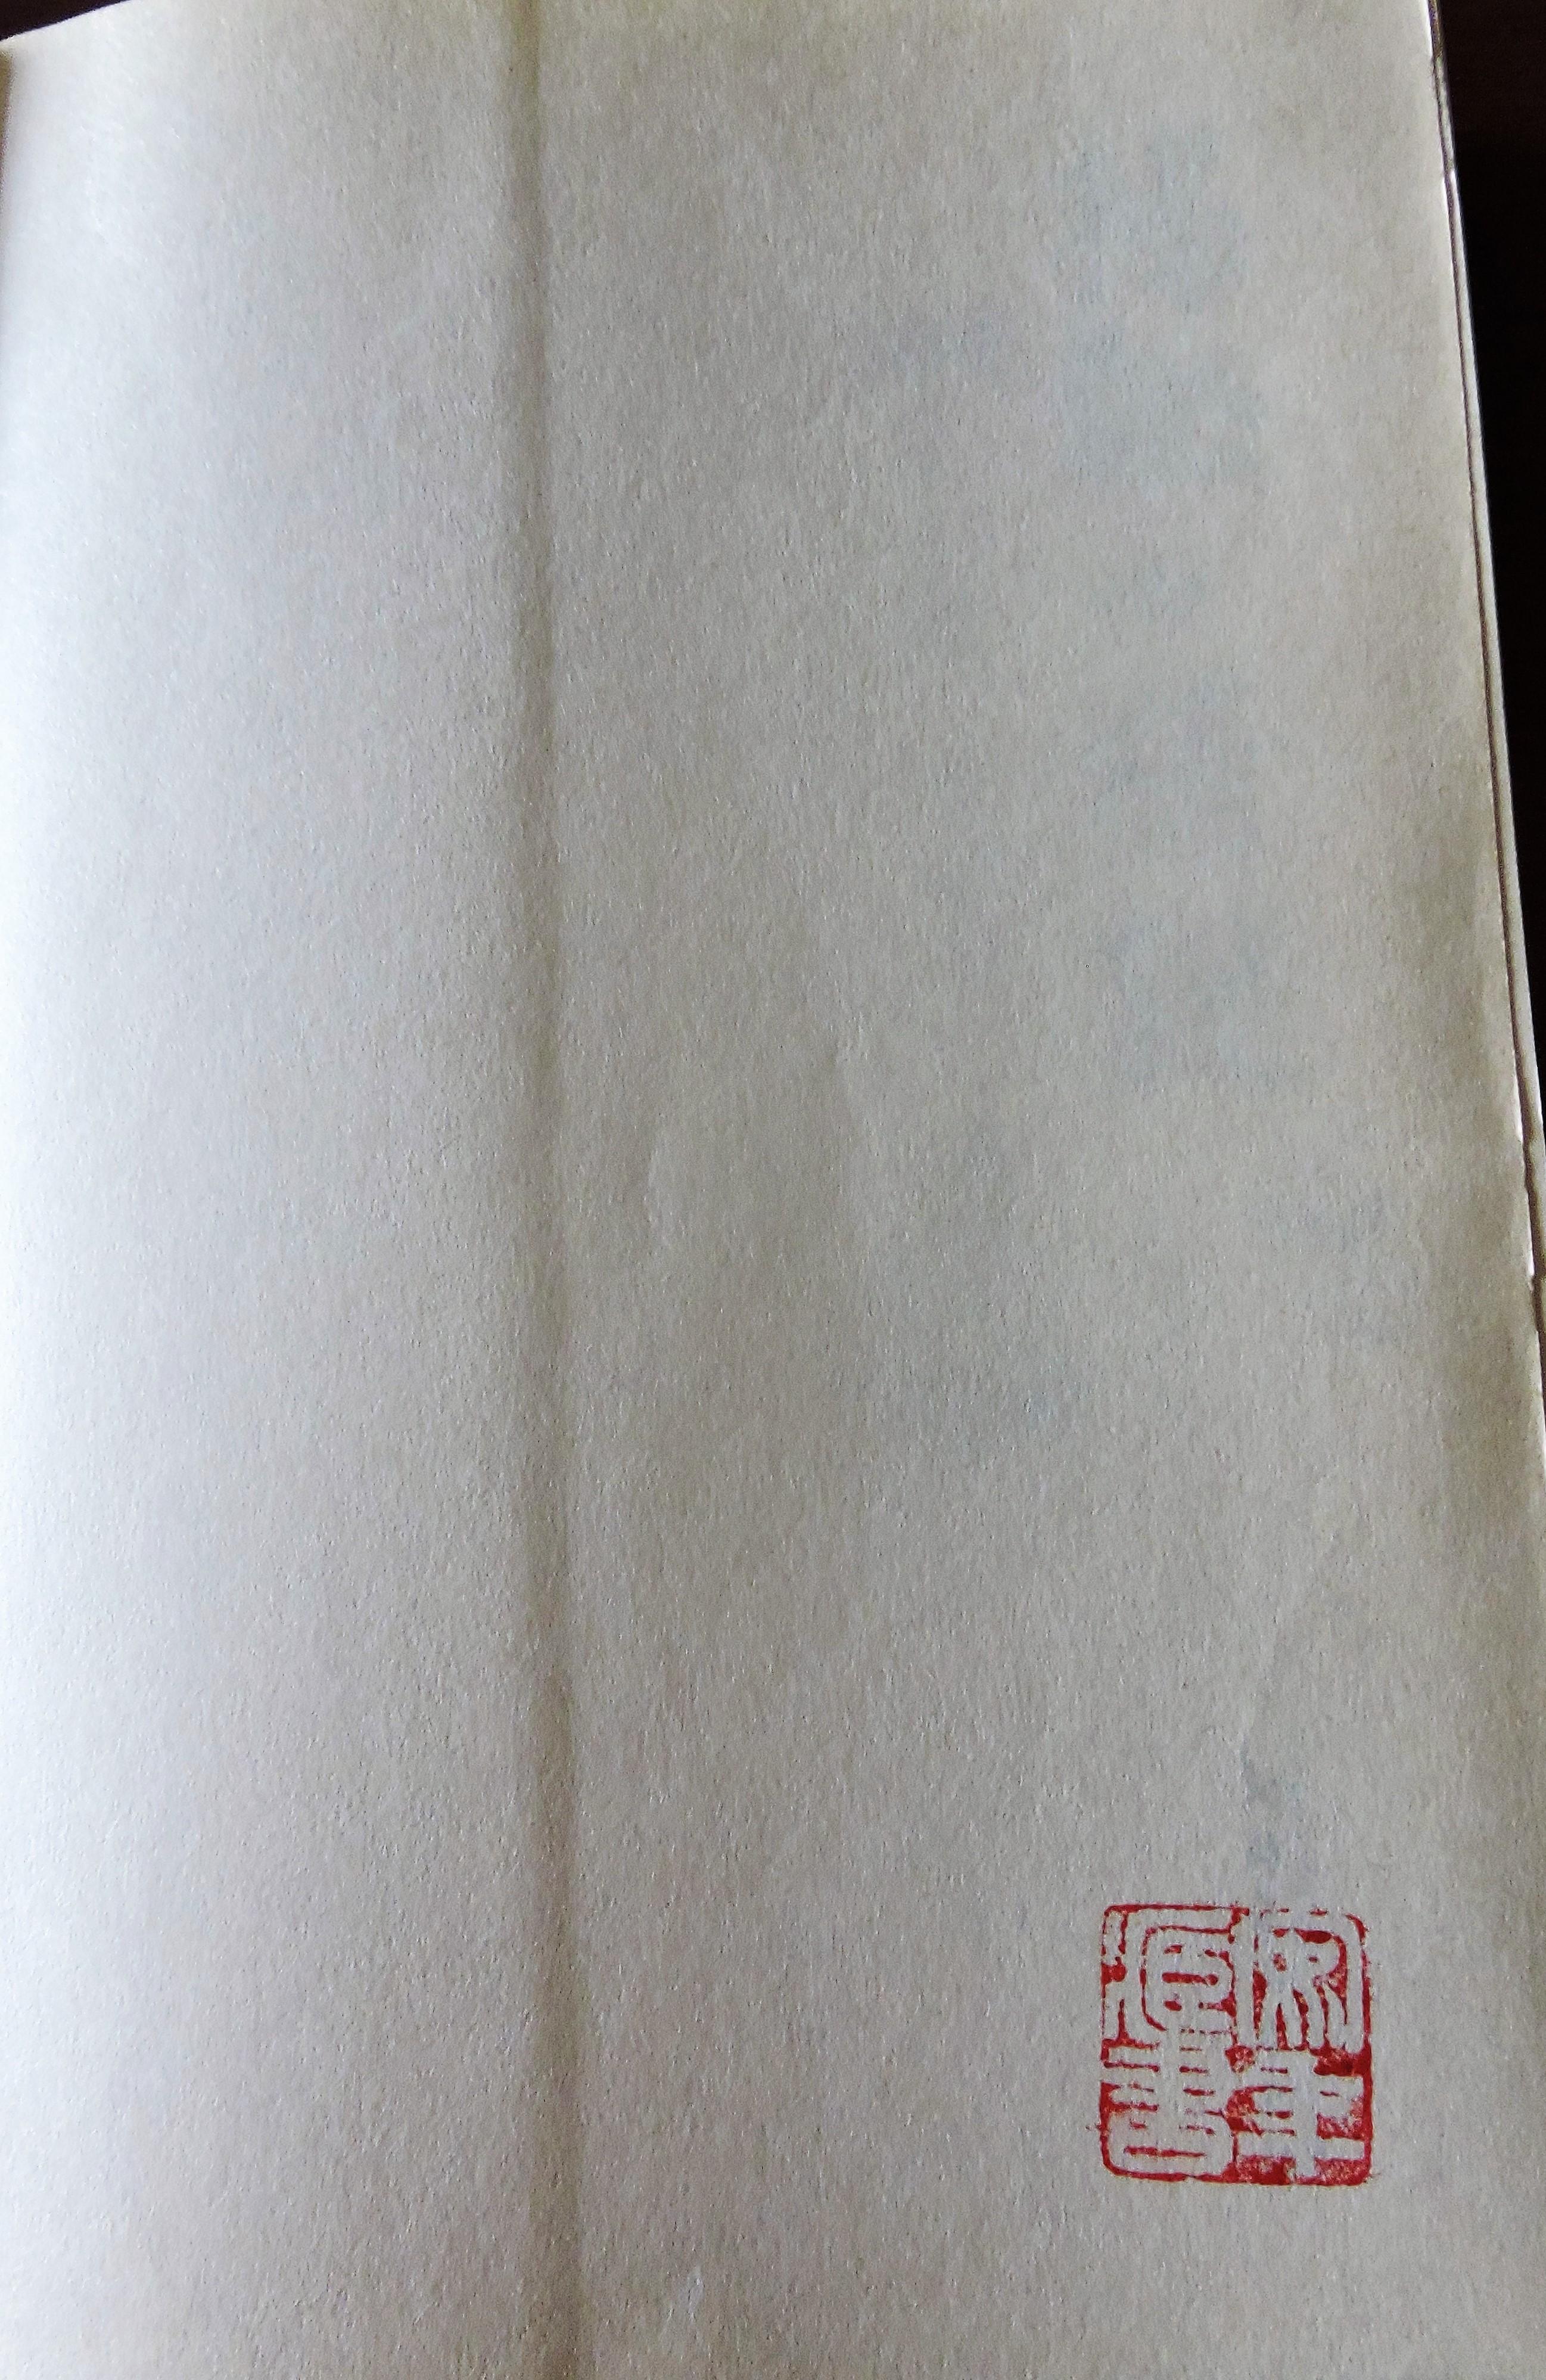 2 DSCN8728.jpg